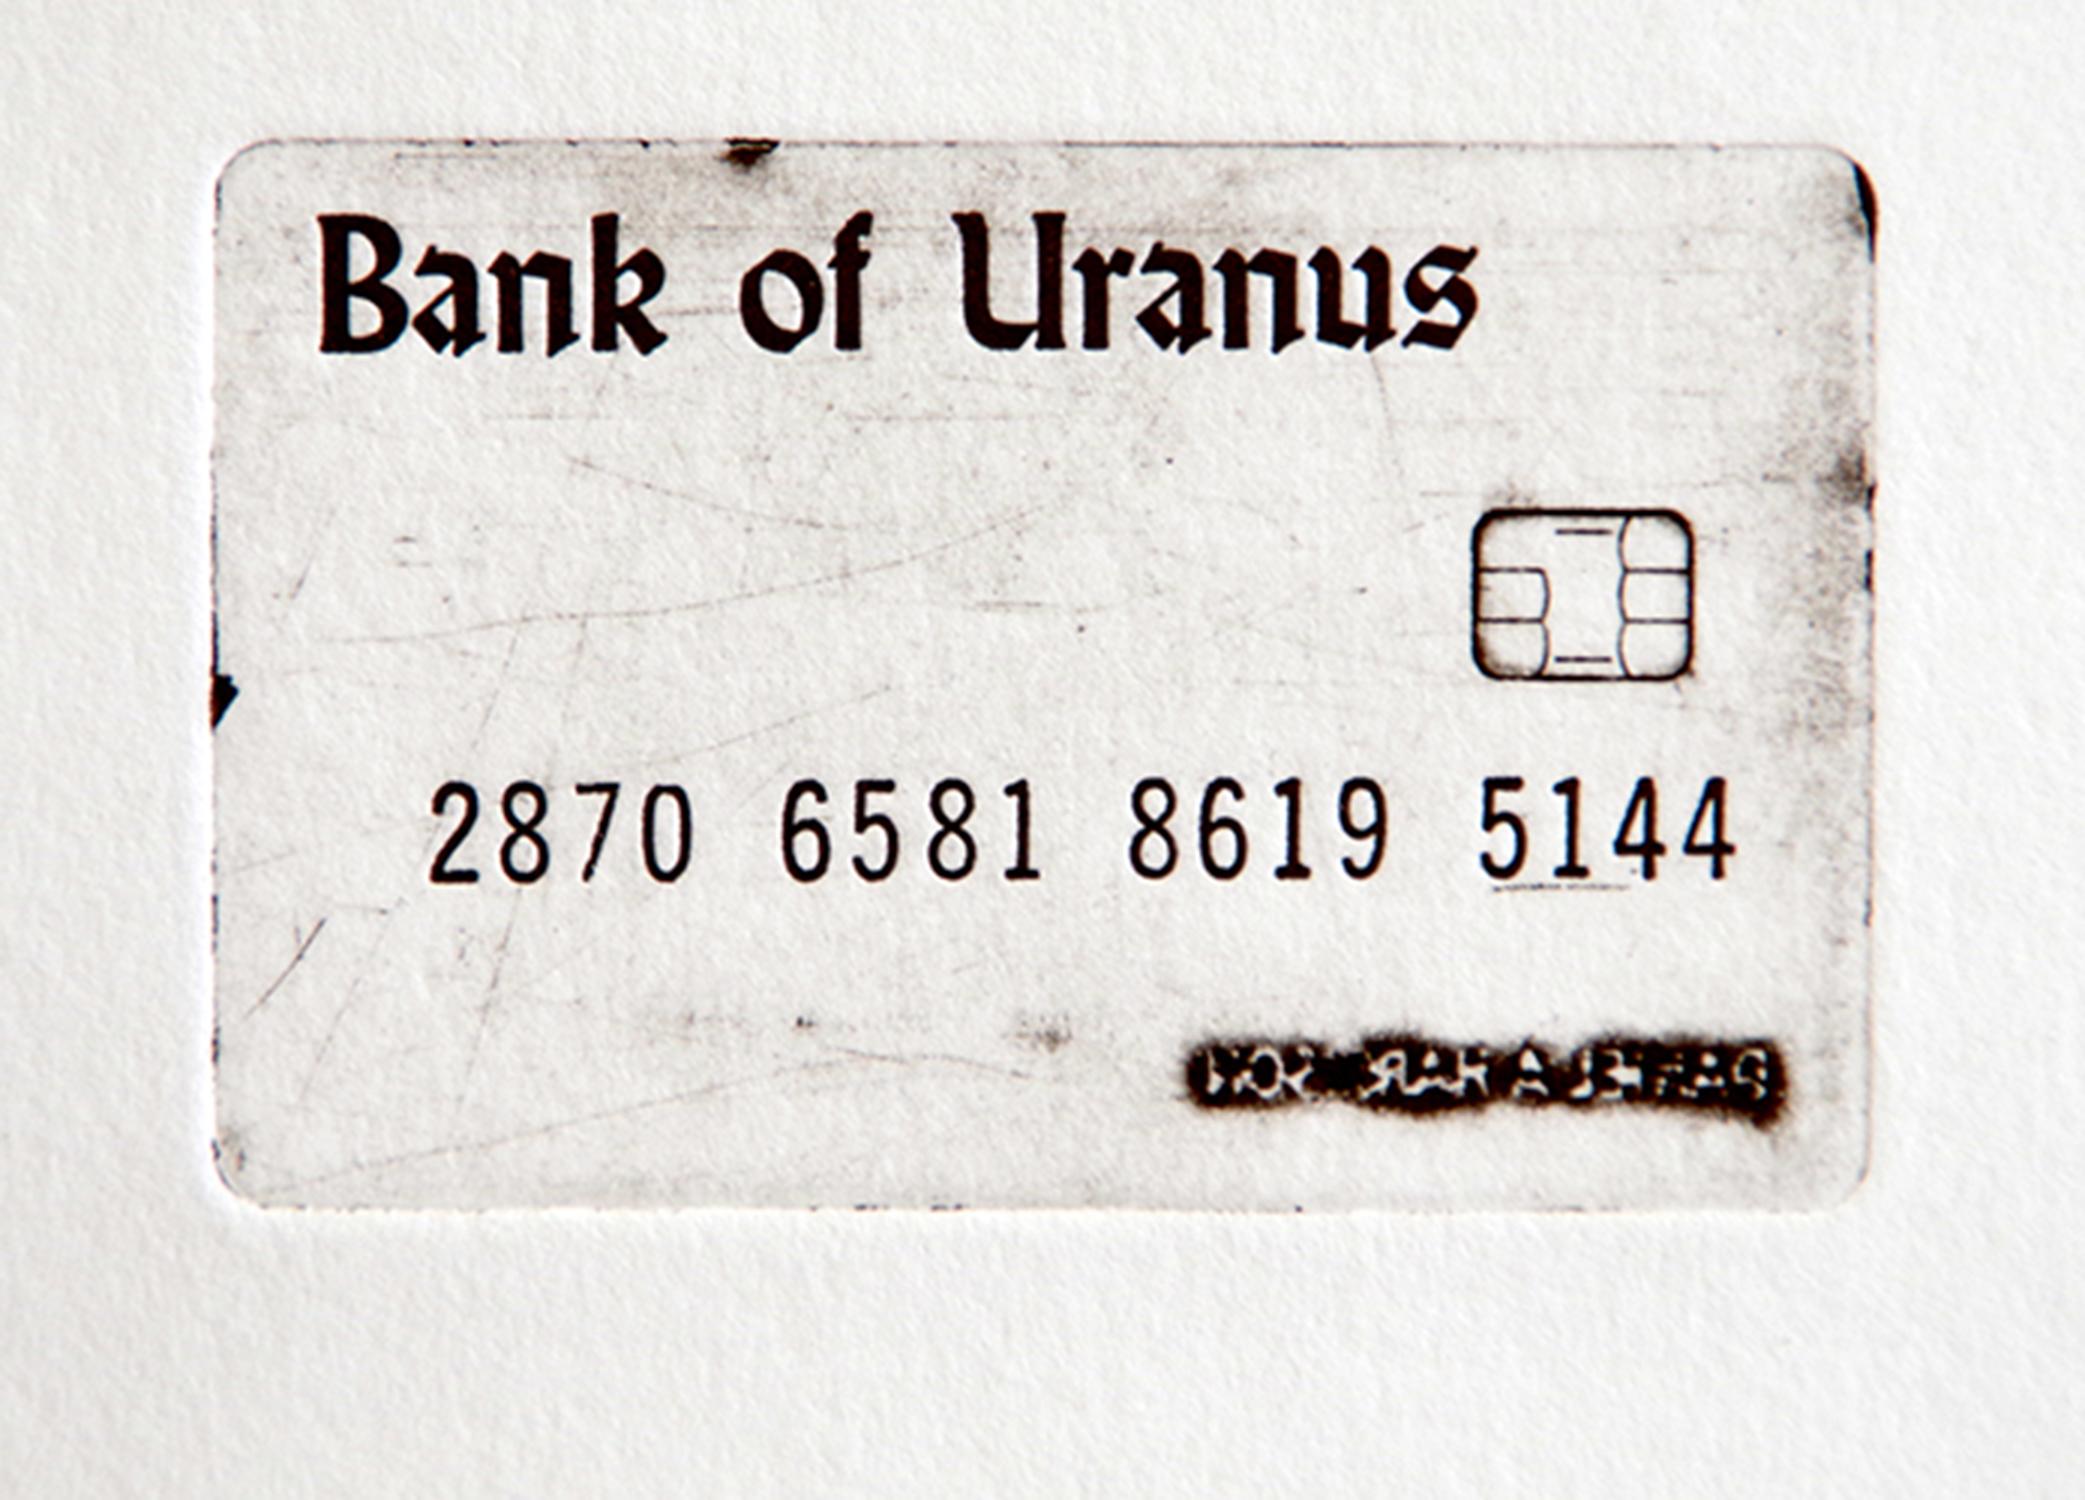 H J Mooij, Chip reader broken please swipe Credit card, letterpress, 2.5 x 3.5 in, 2019